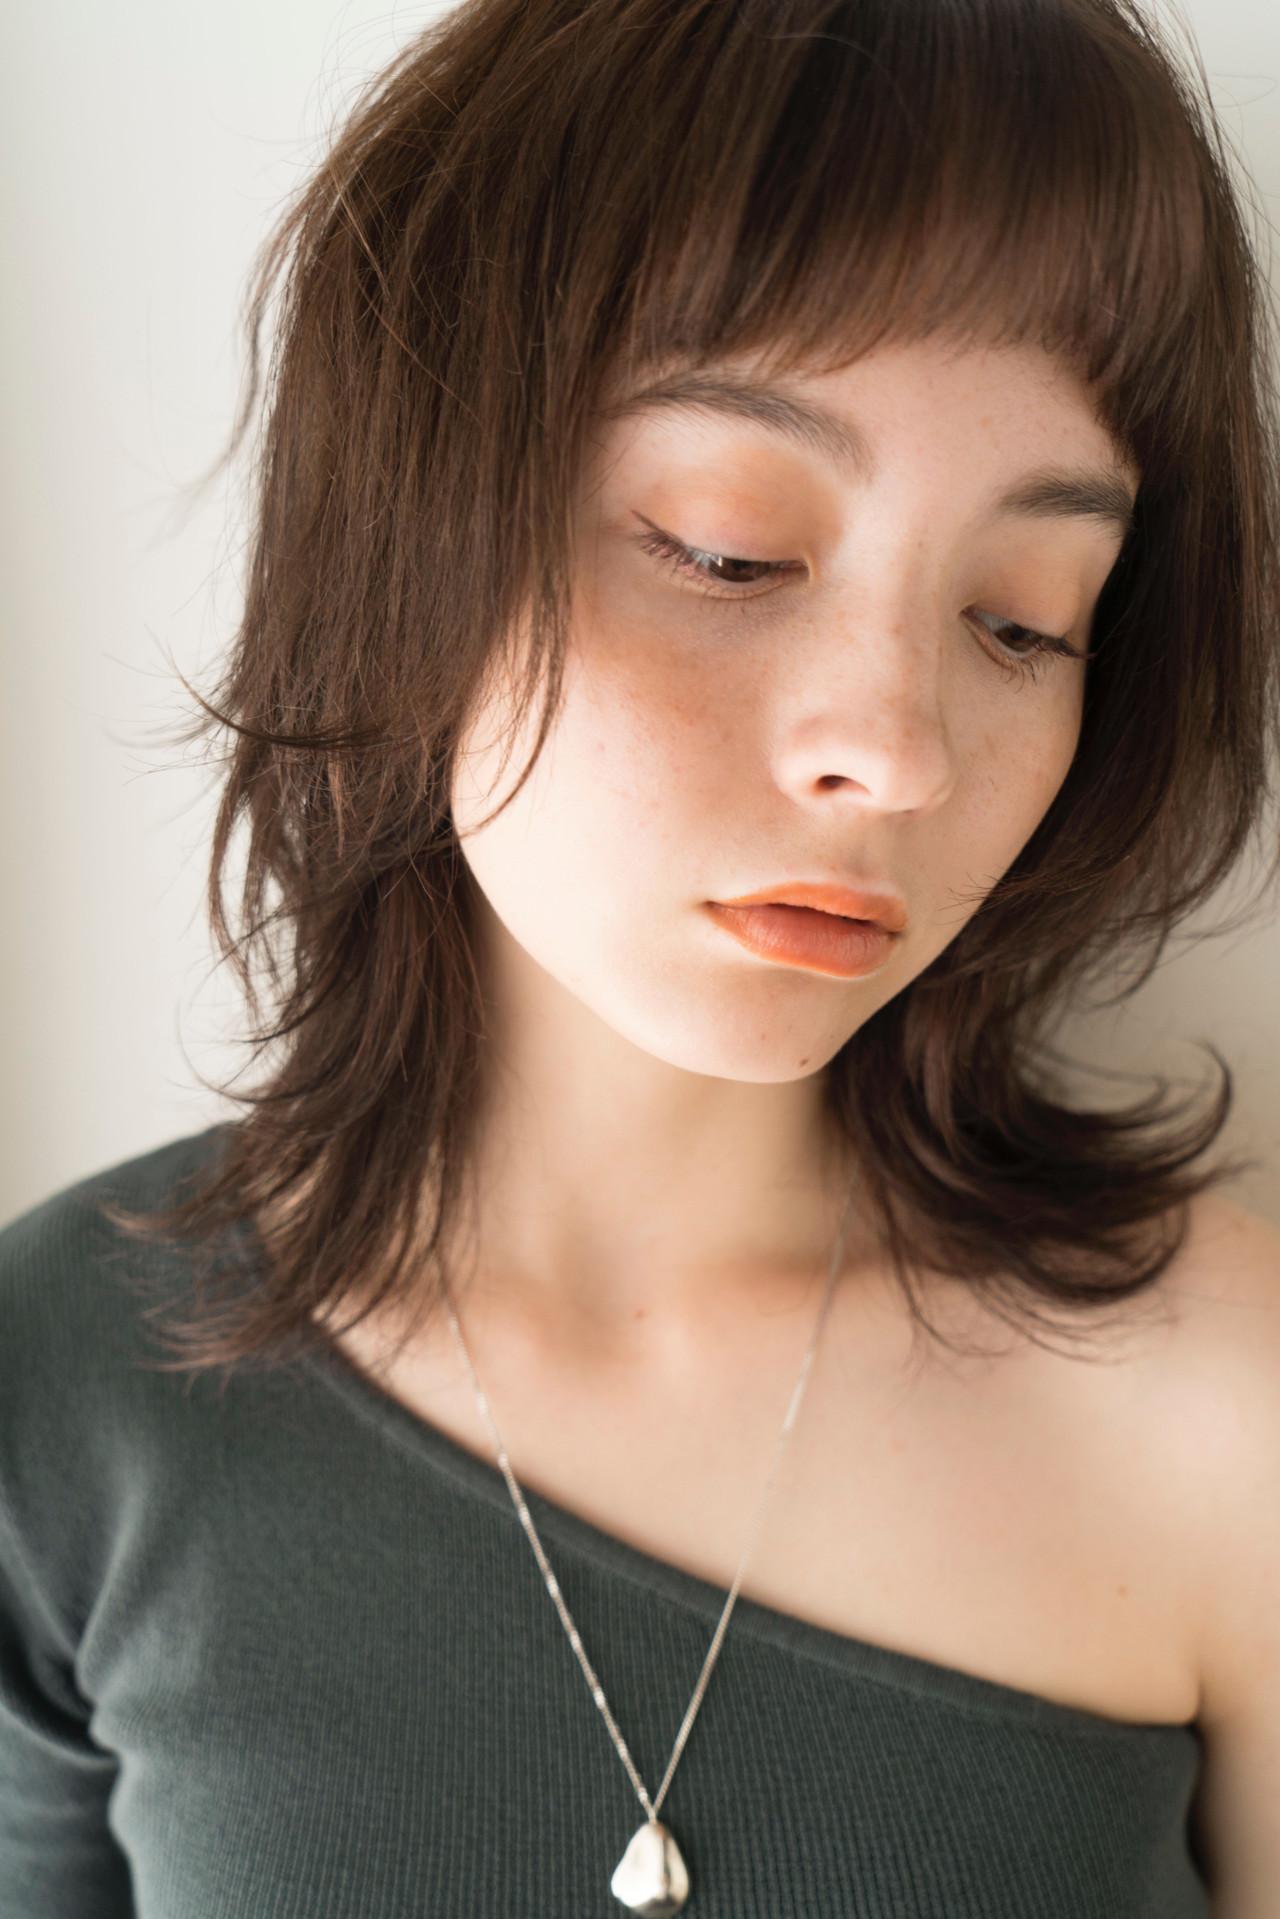 ウルフ女子 ニュアンスウルフ ミディアム マッシュウルフ ヘアスタイルや髪型の写真・画像